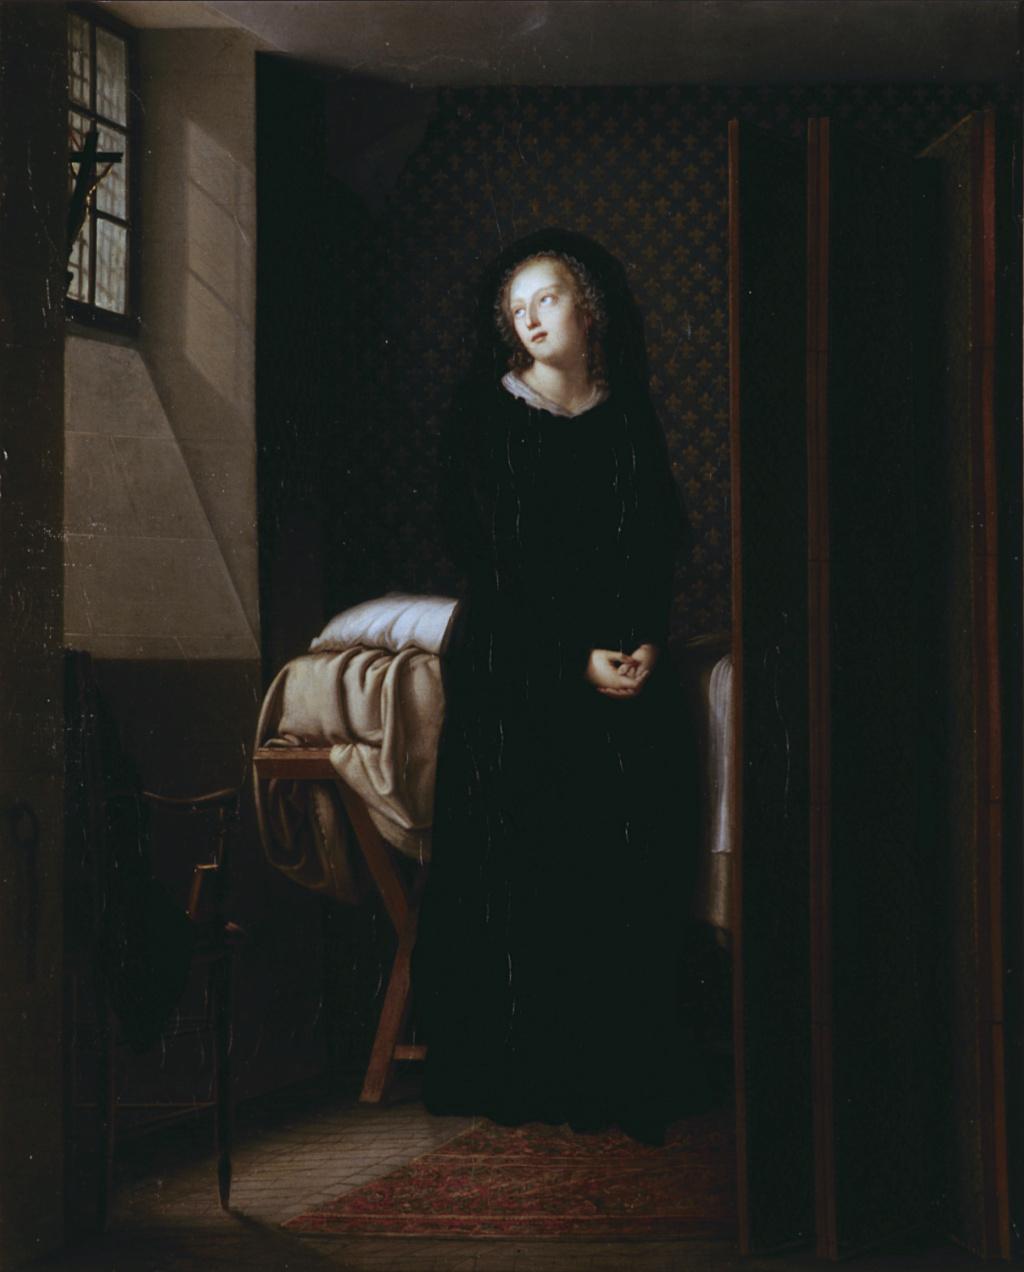 Portraits de Marie-Antoinette dans les prisons du Temple et de la Conciergerie - Page 4 Marie_41